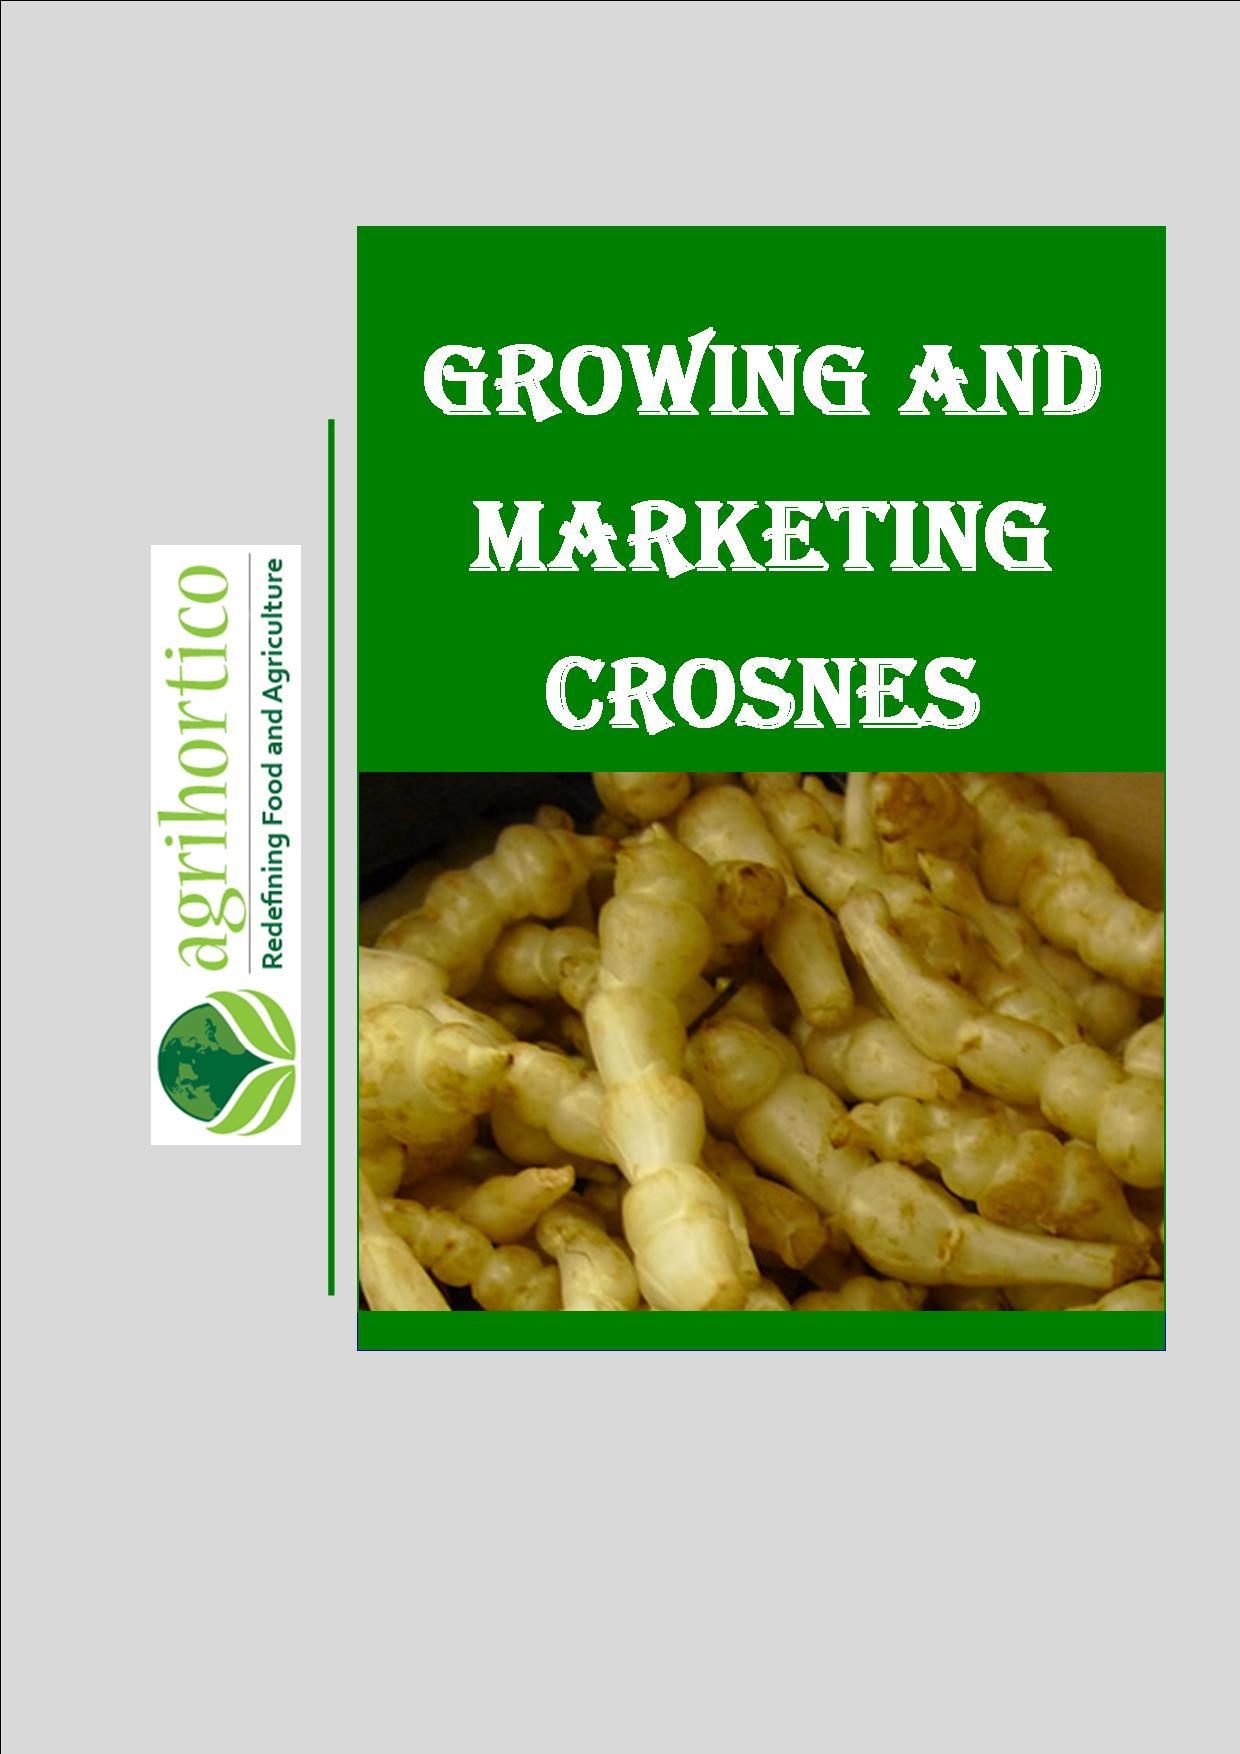 crosnes